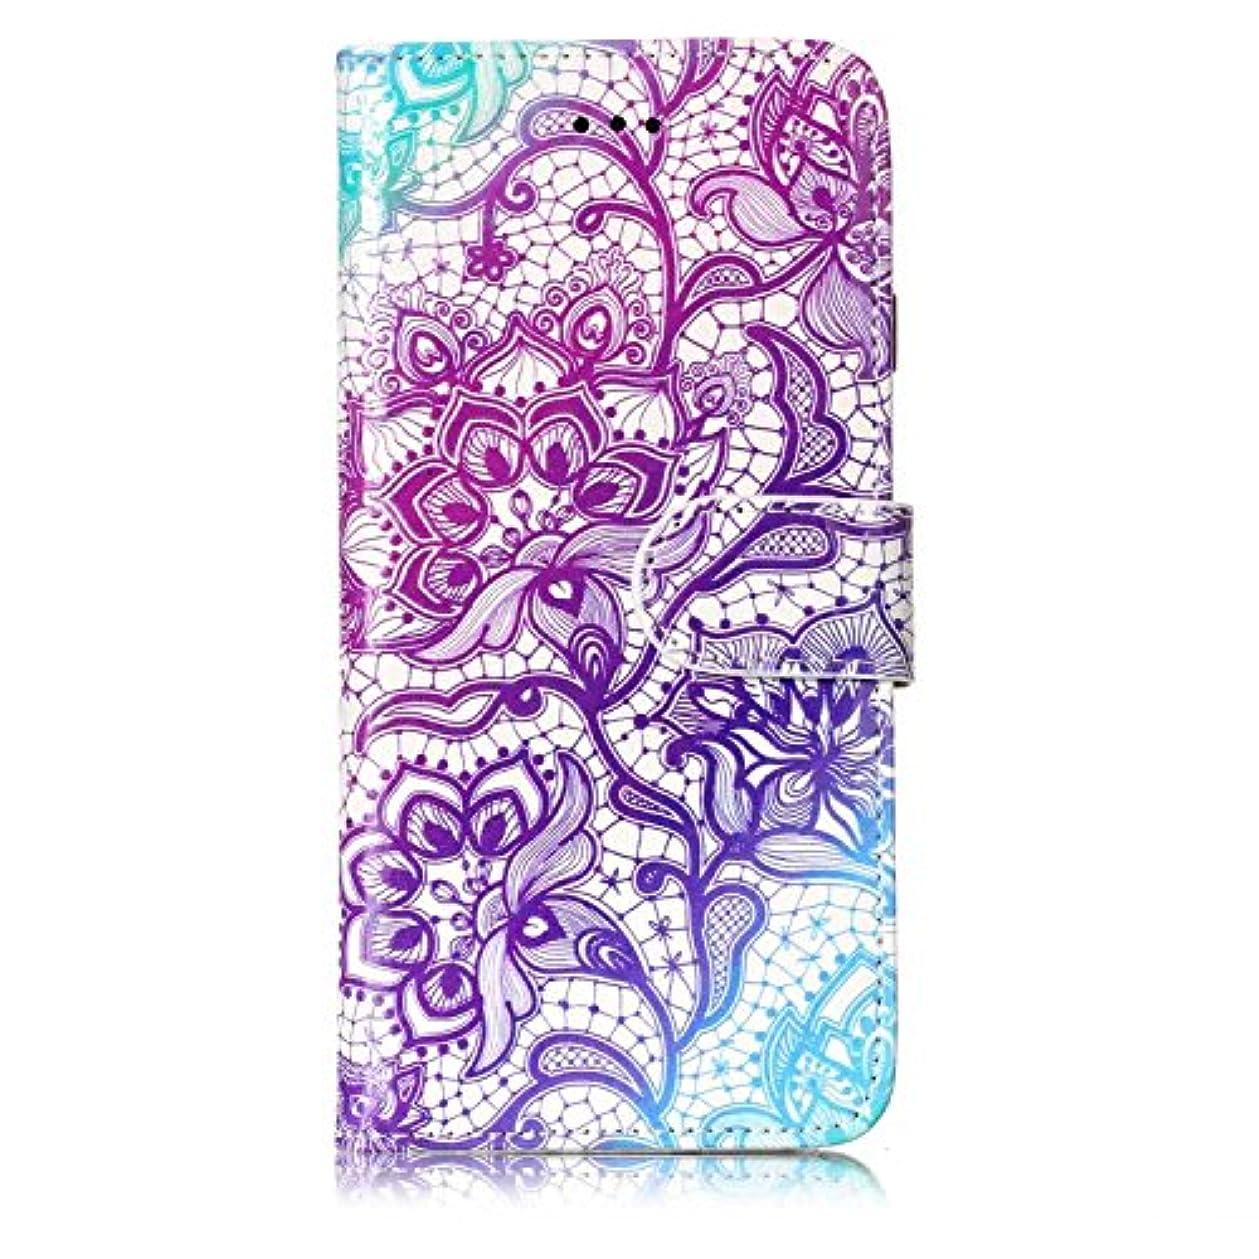 邪魔まあ石iPhone 6 / iPhone 6s ケース, OMATENTI 人気度 花柄 PU レザー 財布型 カバー ケース, カード収納 おしゃれ 高級感 手帳型ケース 衝撃吸収 落下防止 防塵 マグネット開閉式 プロテクター iPhone 6 / iPhone 6s 対応, 紫の